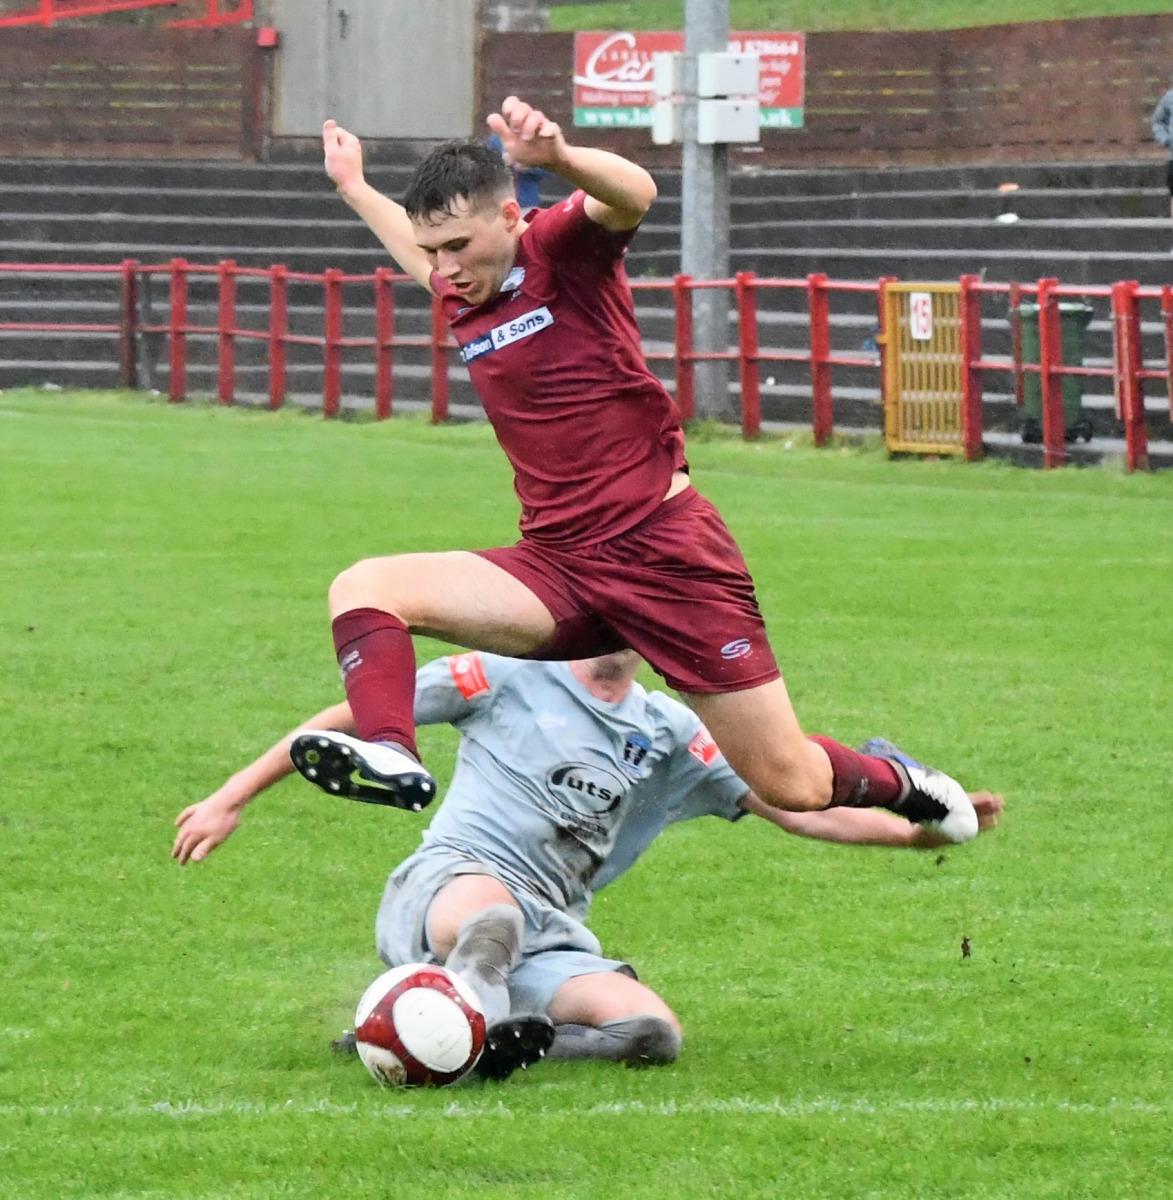 Ceiran-Casson-hurdles-in-to-set-up-a-cross-Ben-Challis